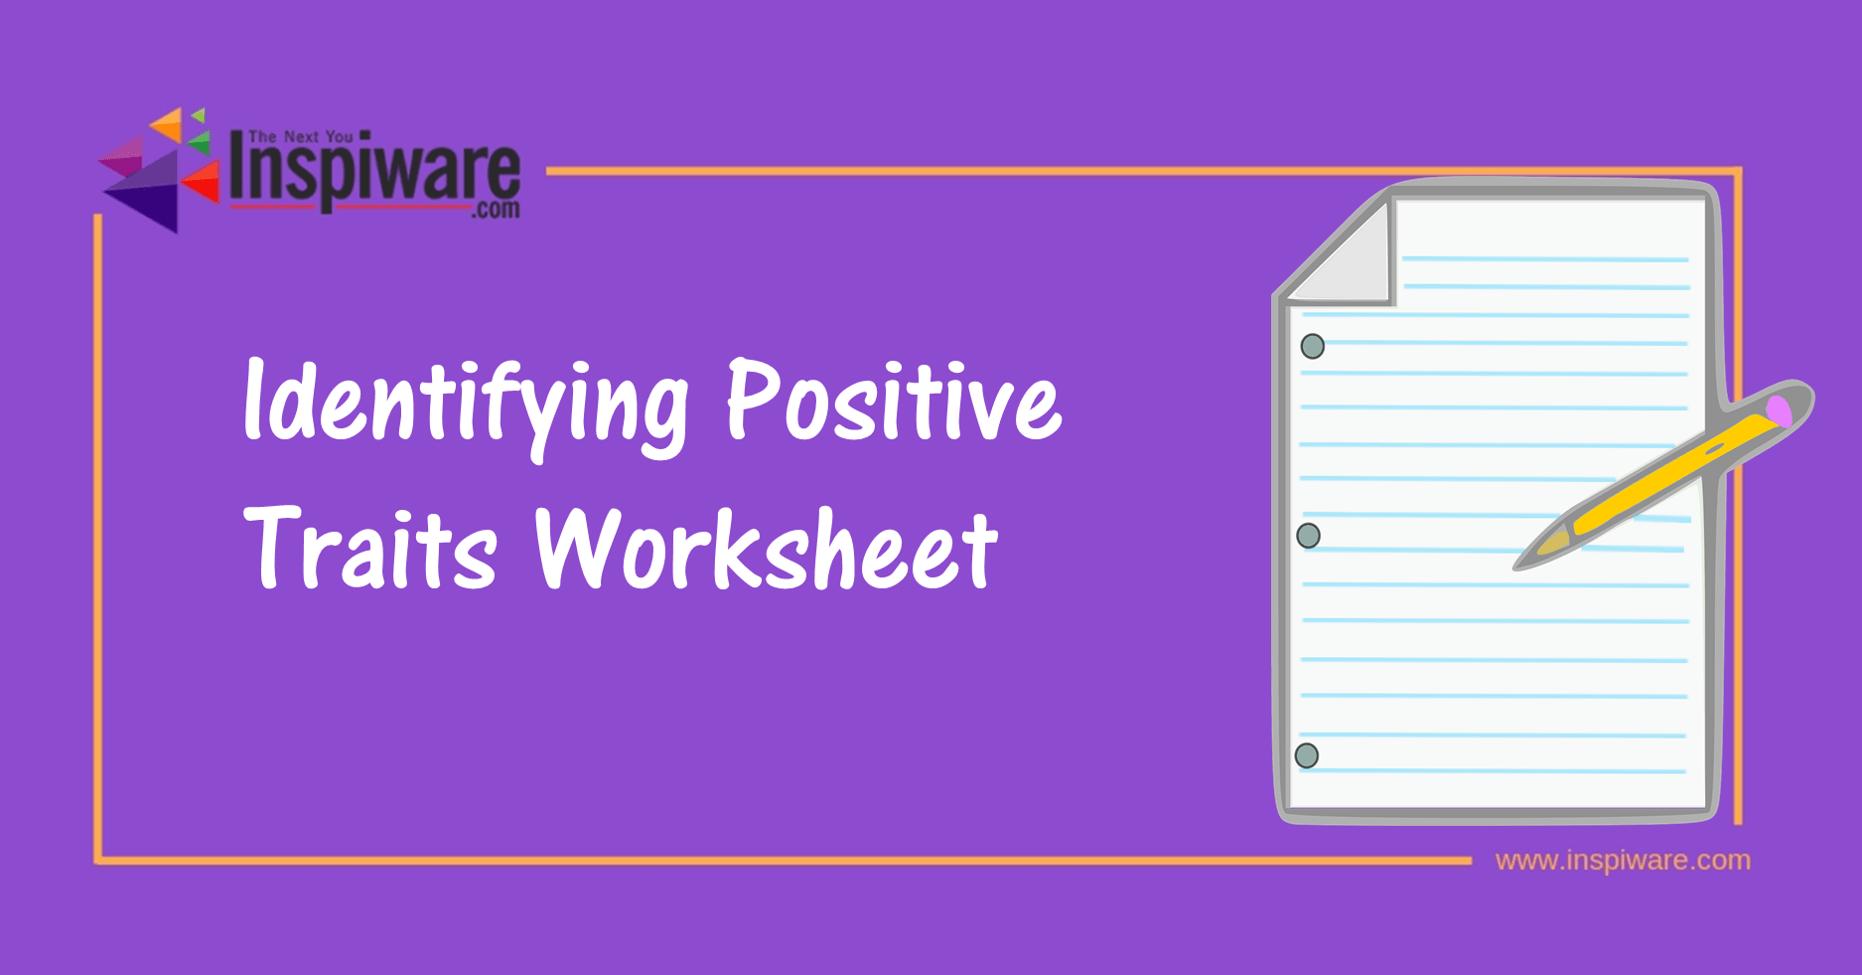 Identifying Positive Traits Worksheet